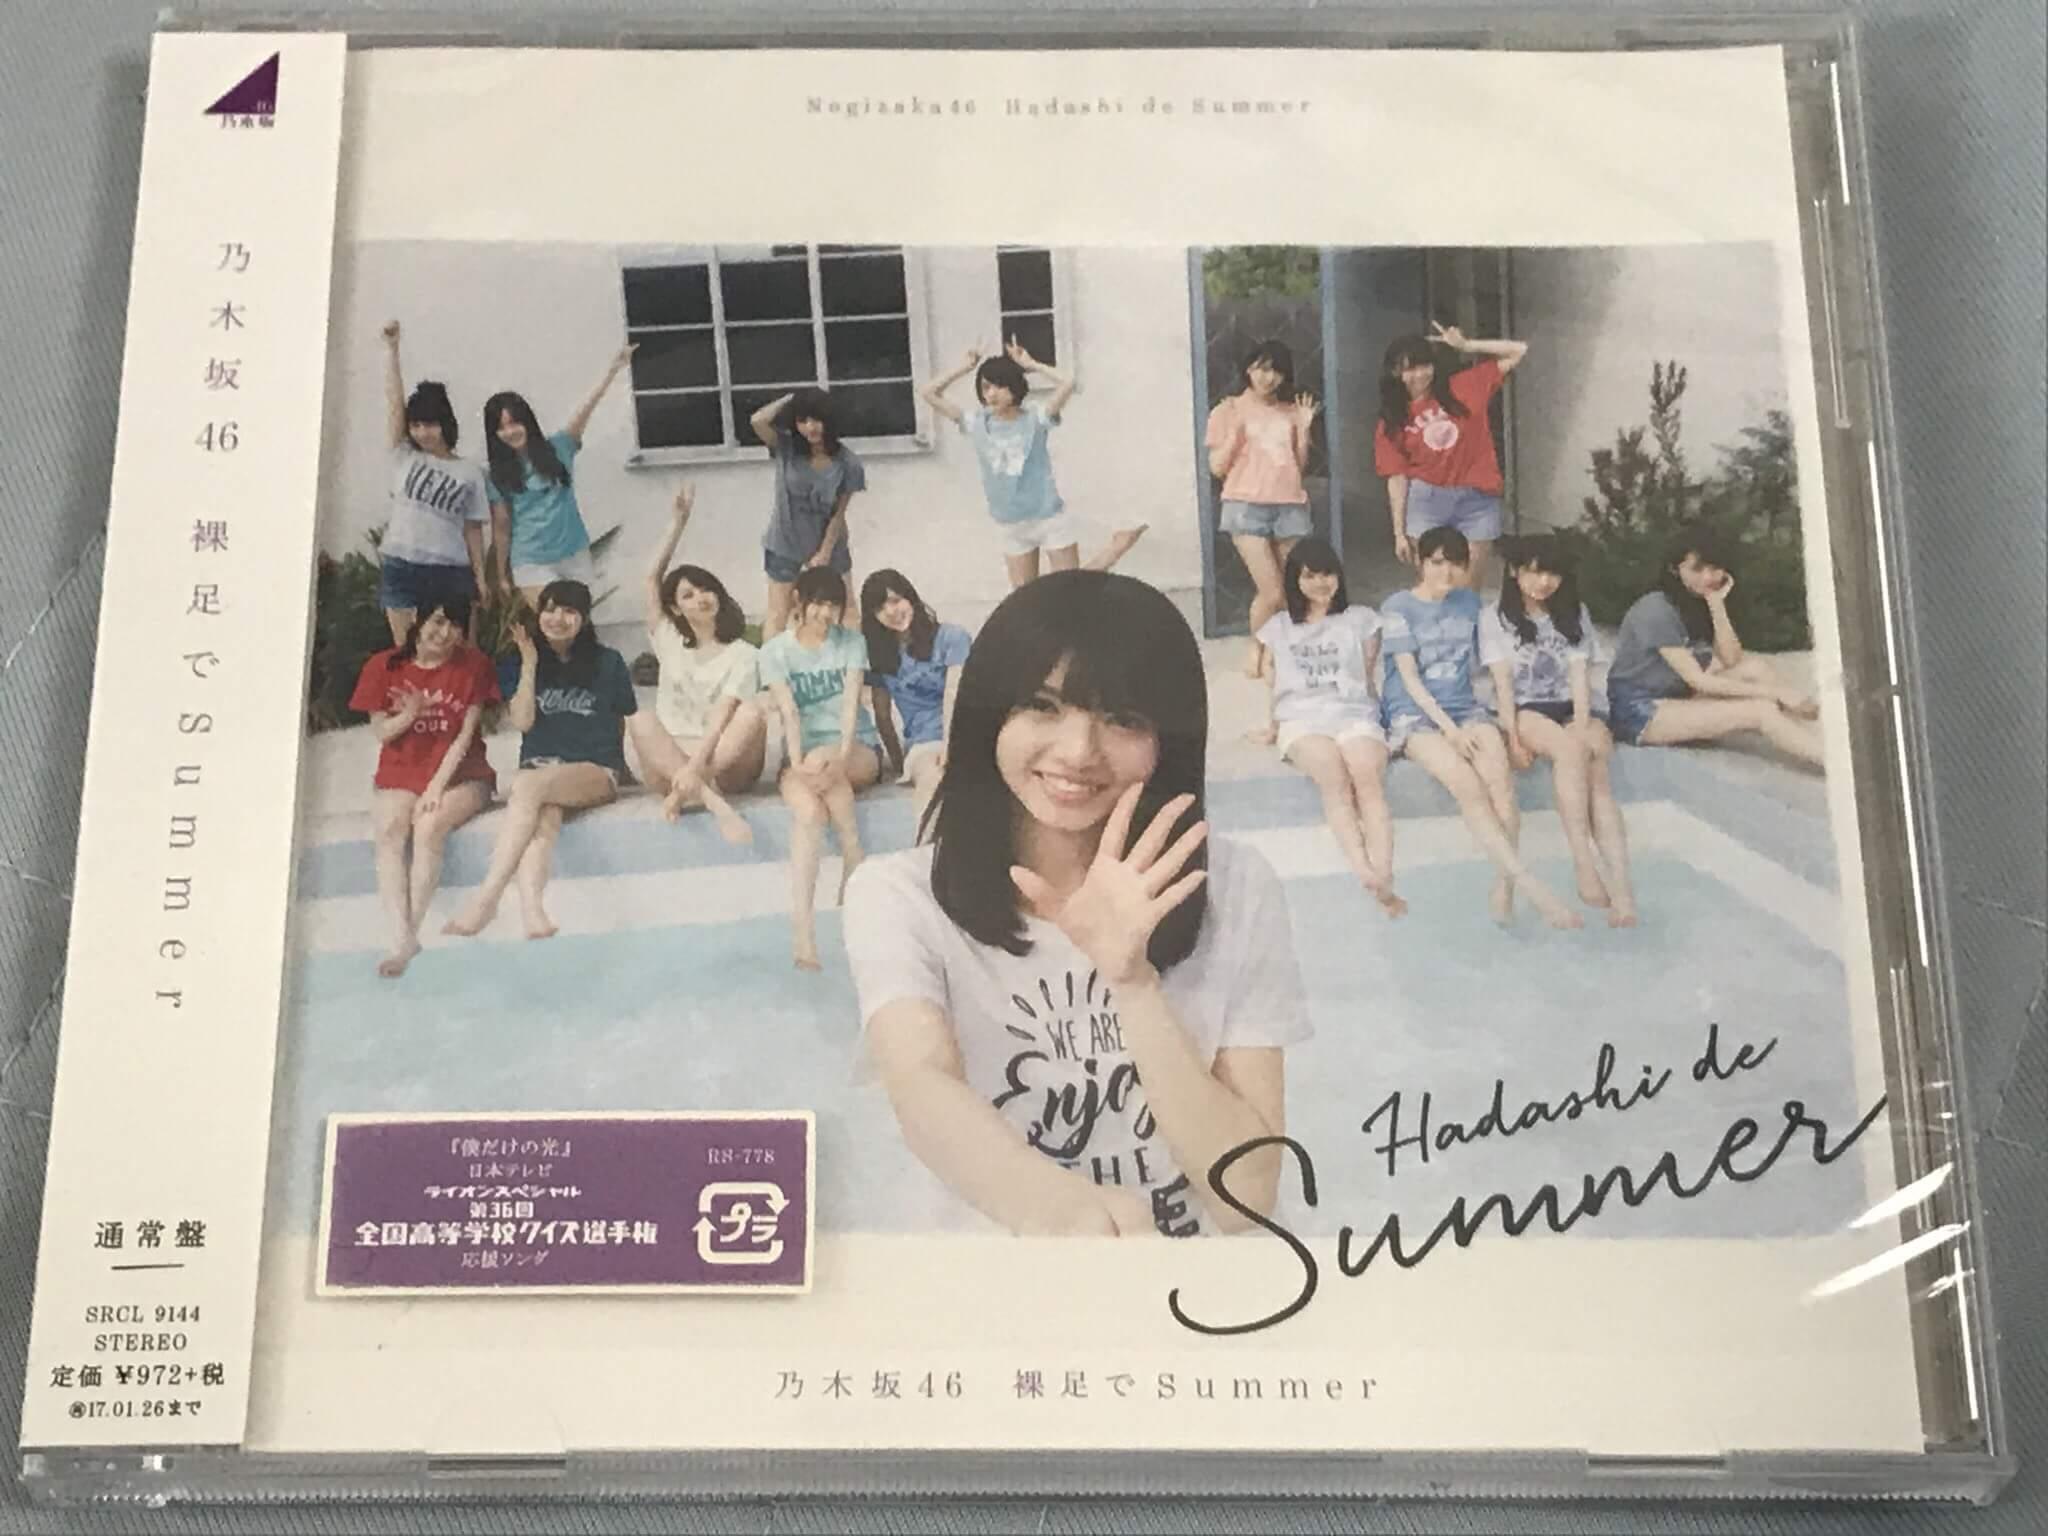 15thシングル「裸足でSummer」のすべて!収録曲や特典映像、MV、フォーメーション情報などを紹介!